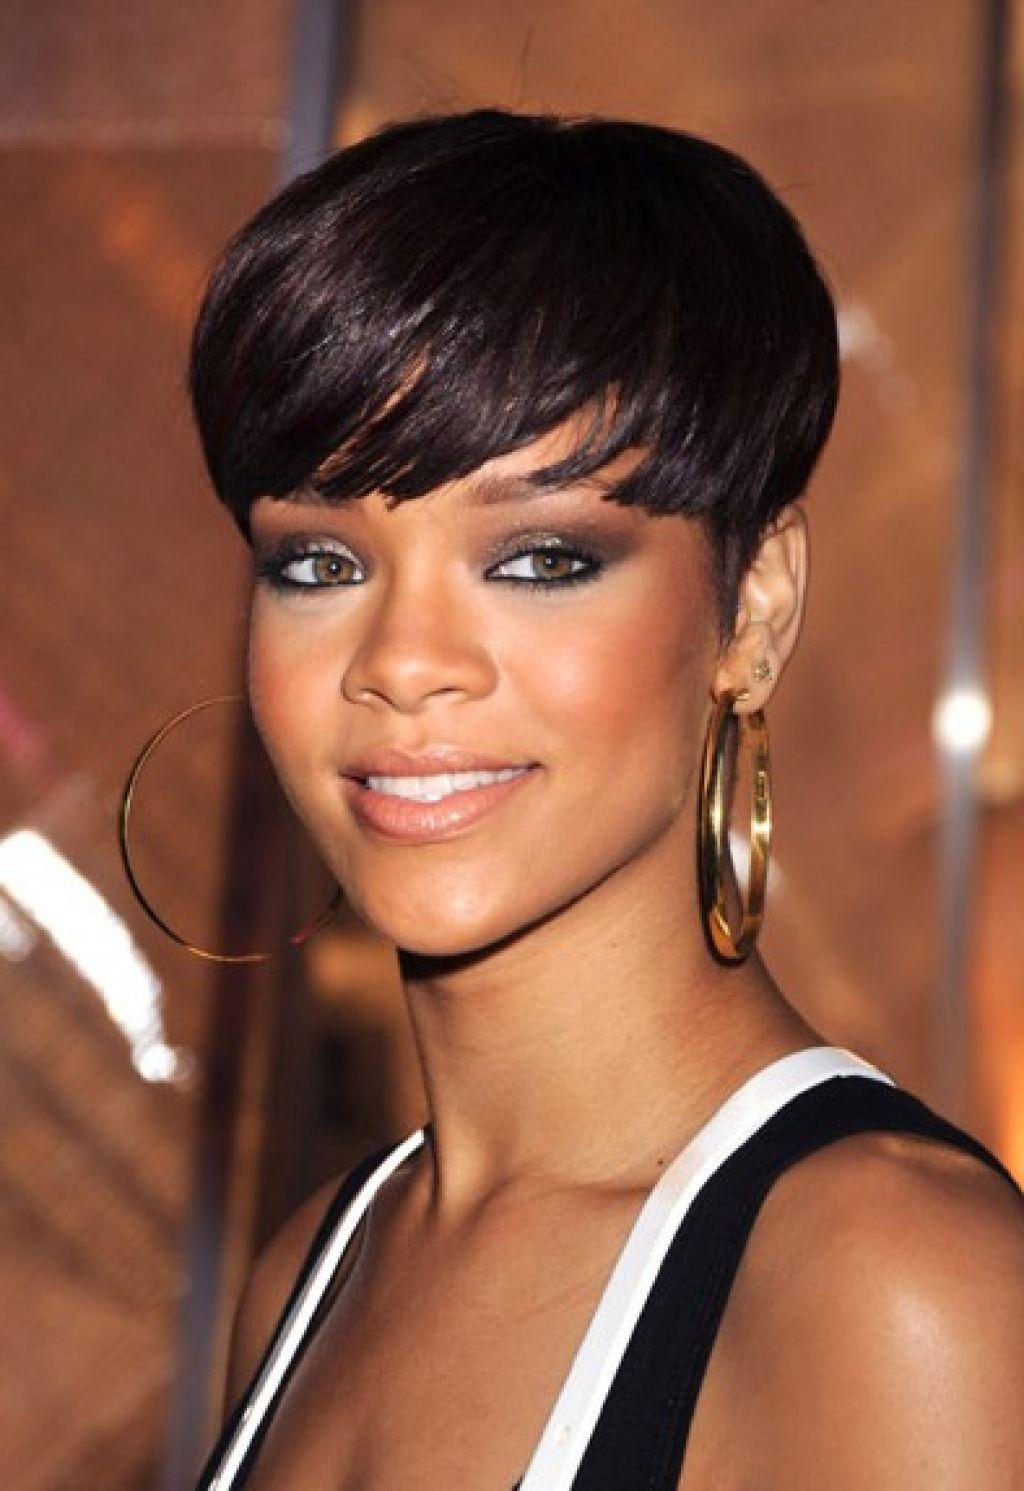 image91-1 | Модные женские стрижки на короткие волосы: основные правила и варианты исполнения